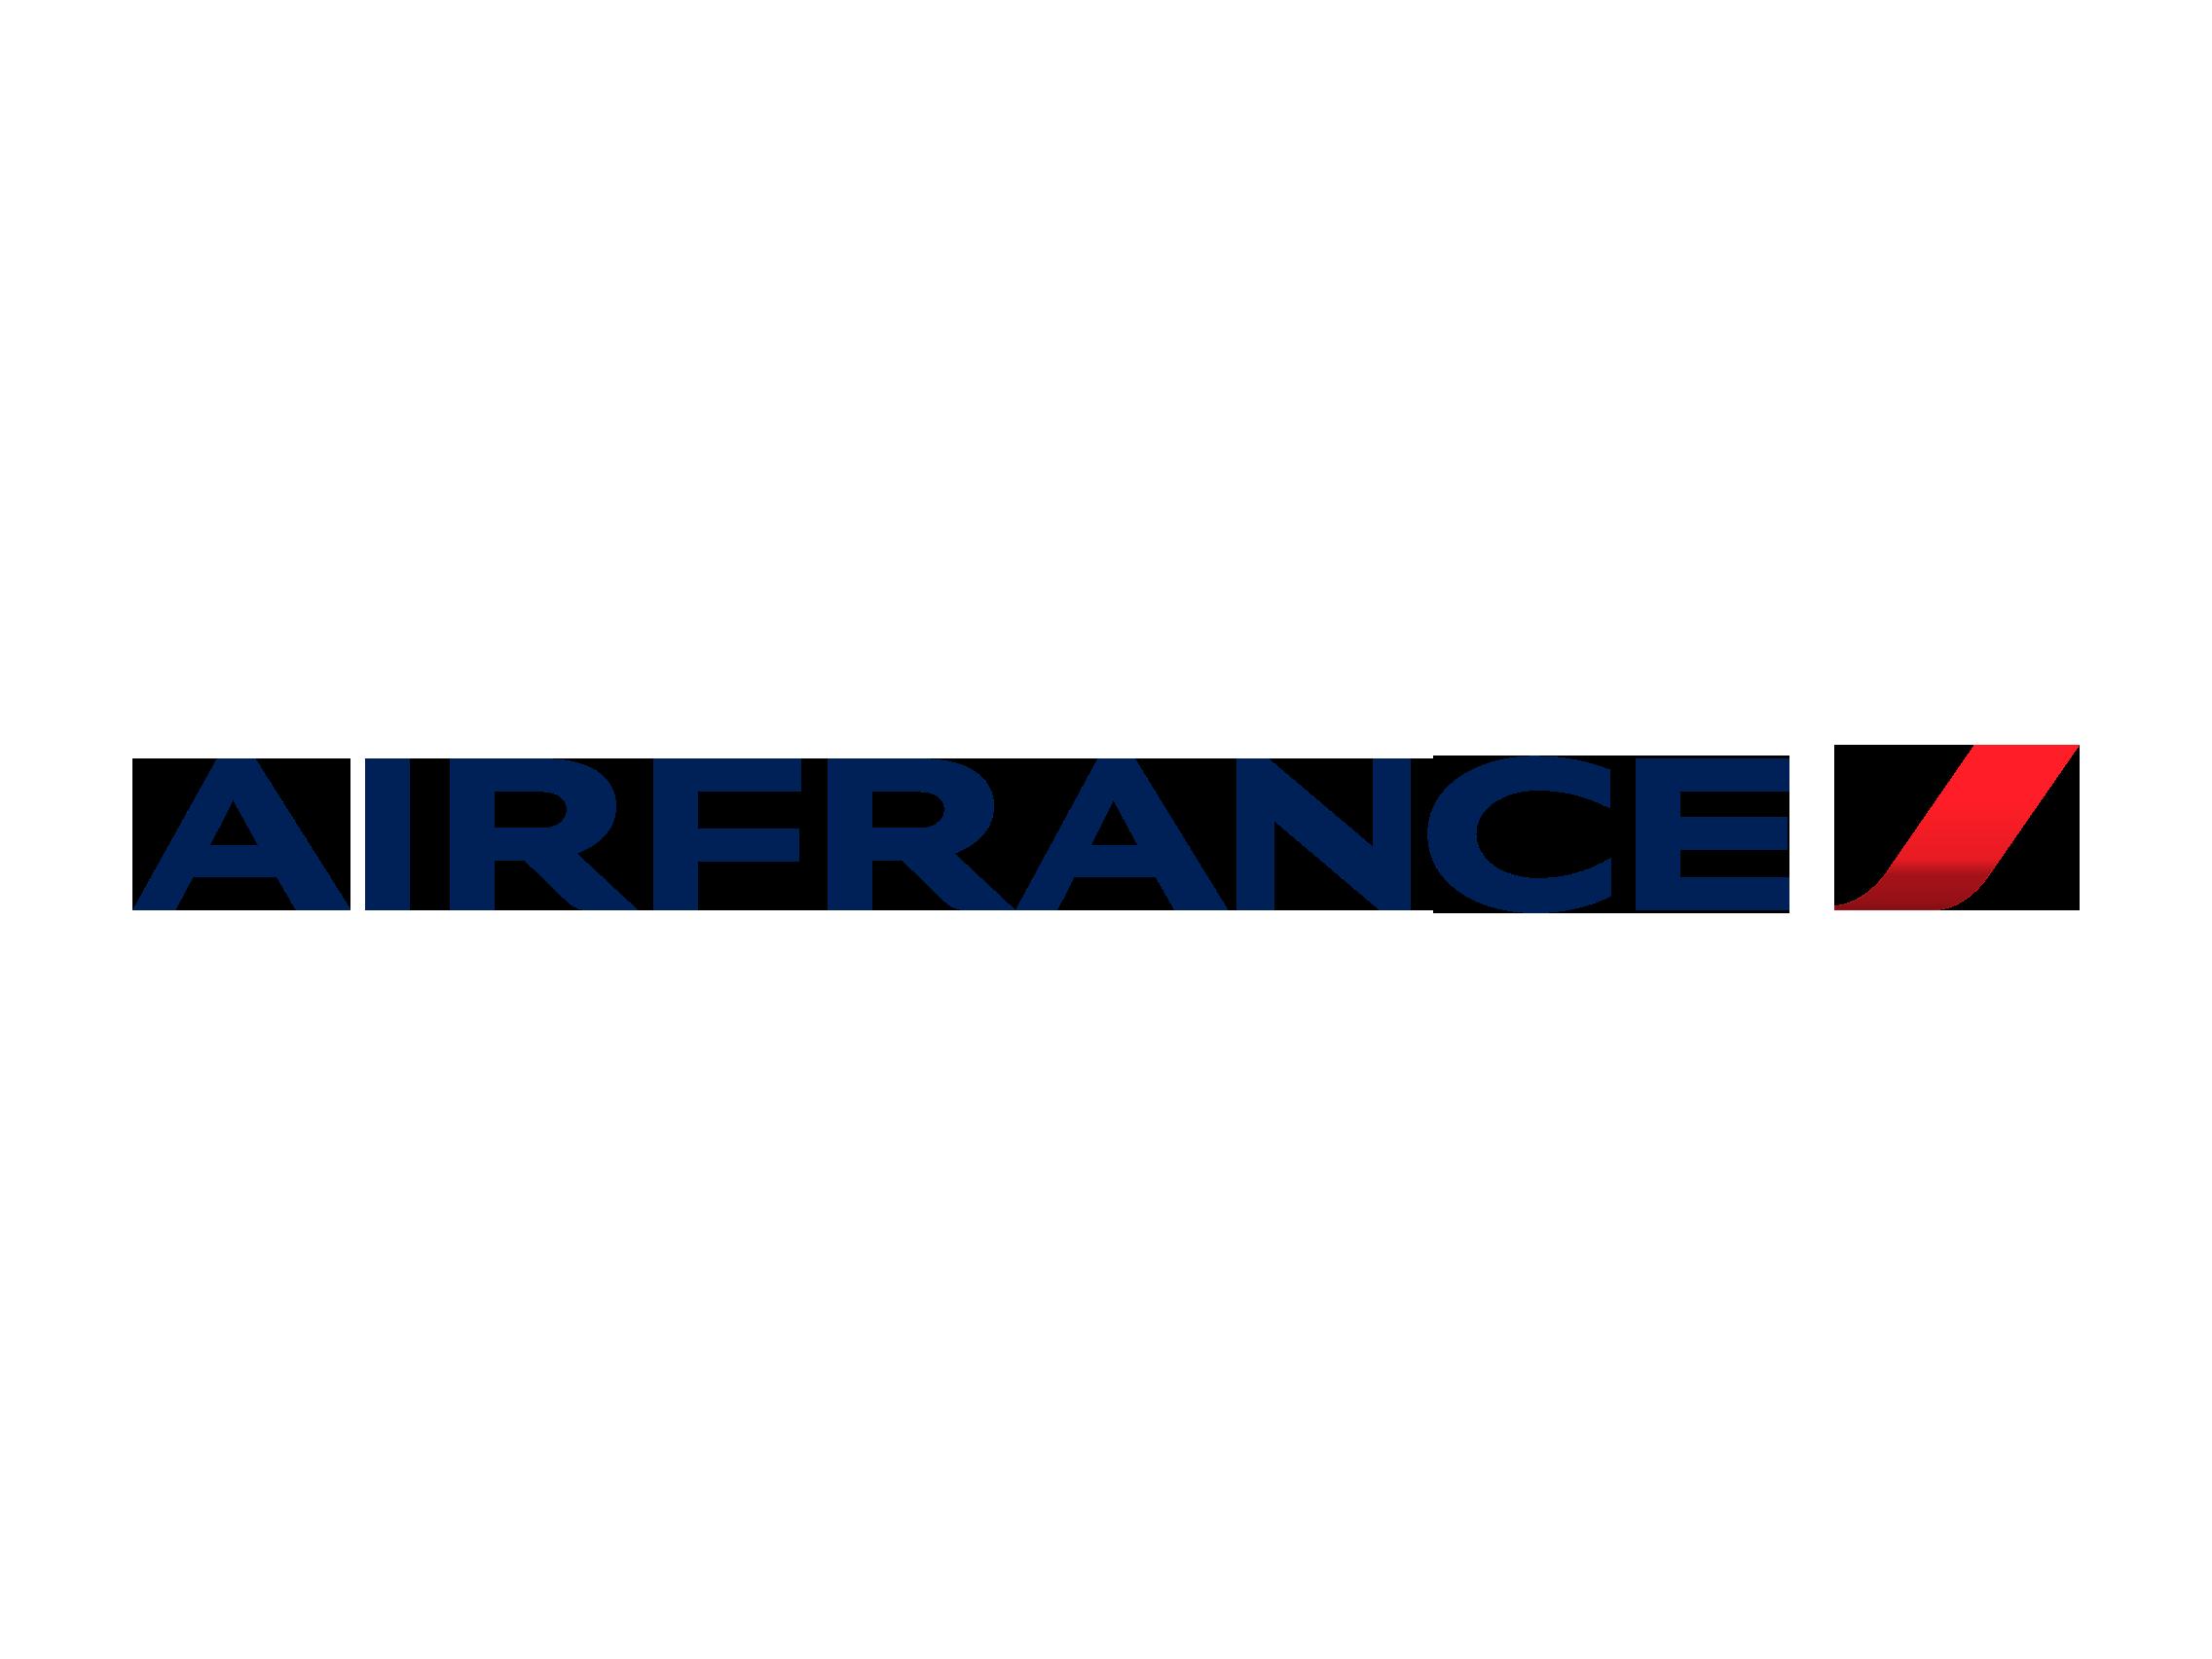 air-france-logo-png-air-france-logo-2272.png